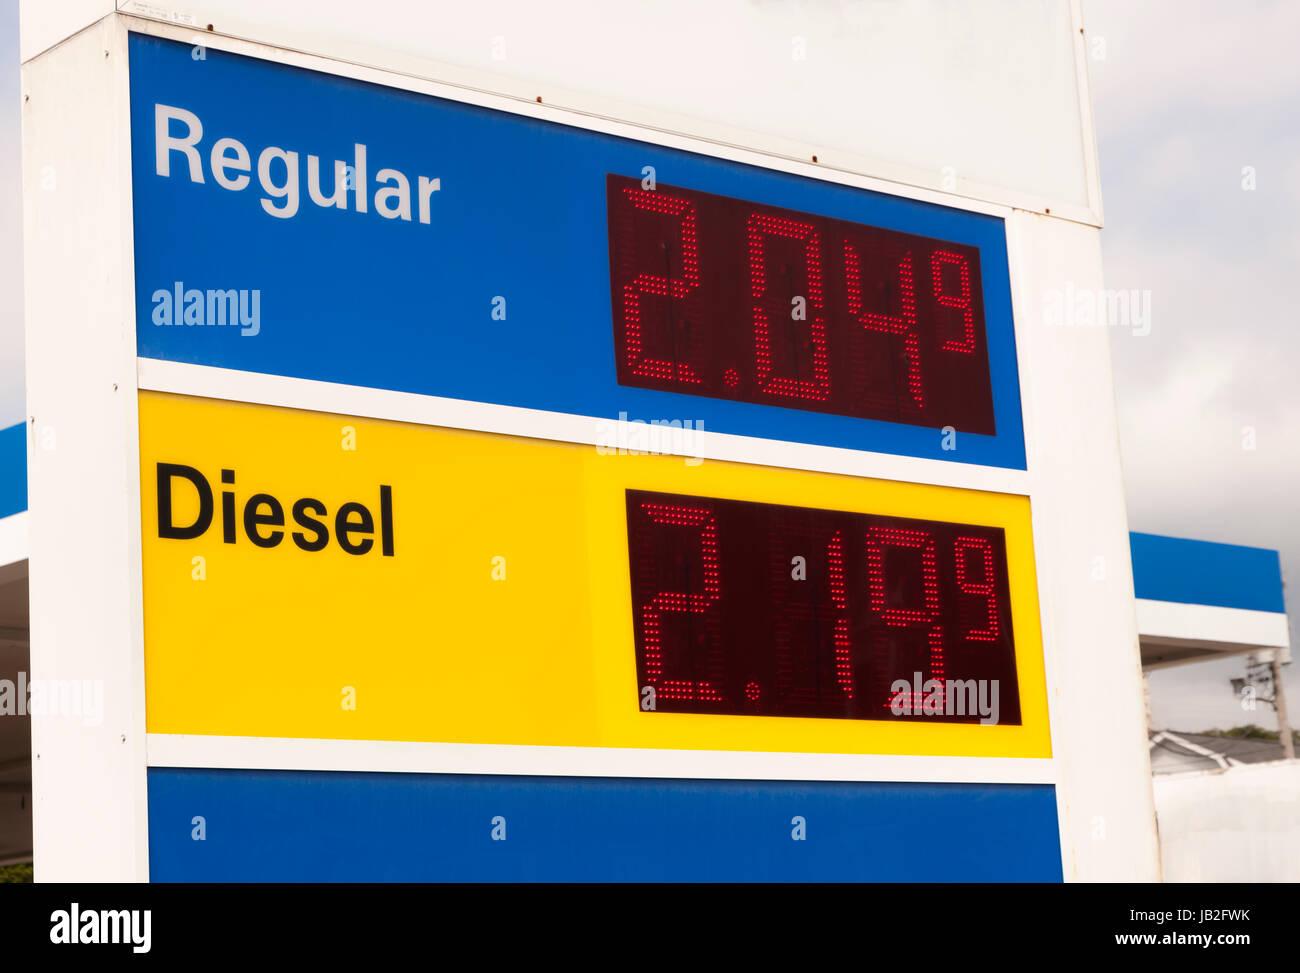 Tankstelle Zeichen Werbung sehr niedrige Preise an einer Tankstelle. Stockbild